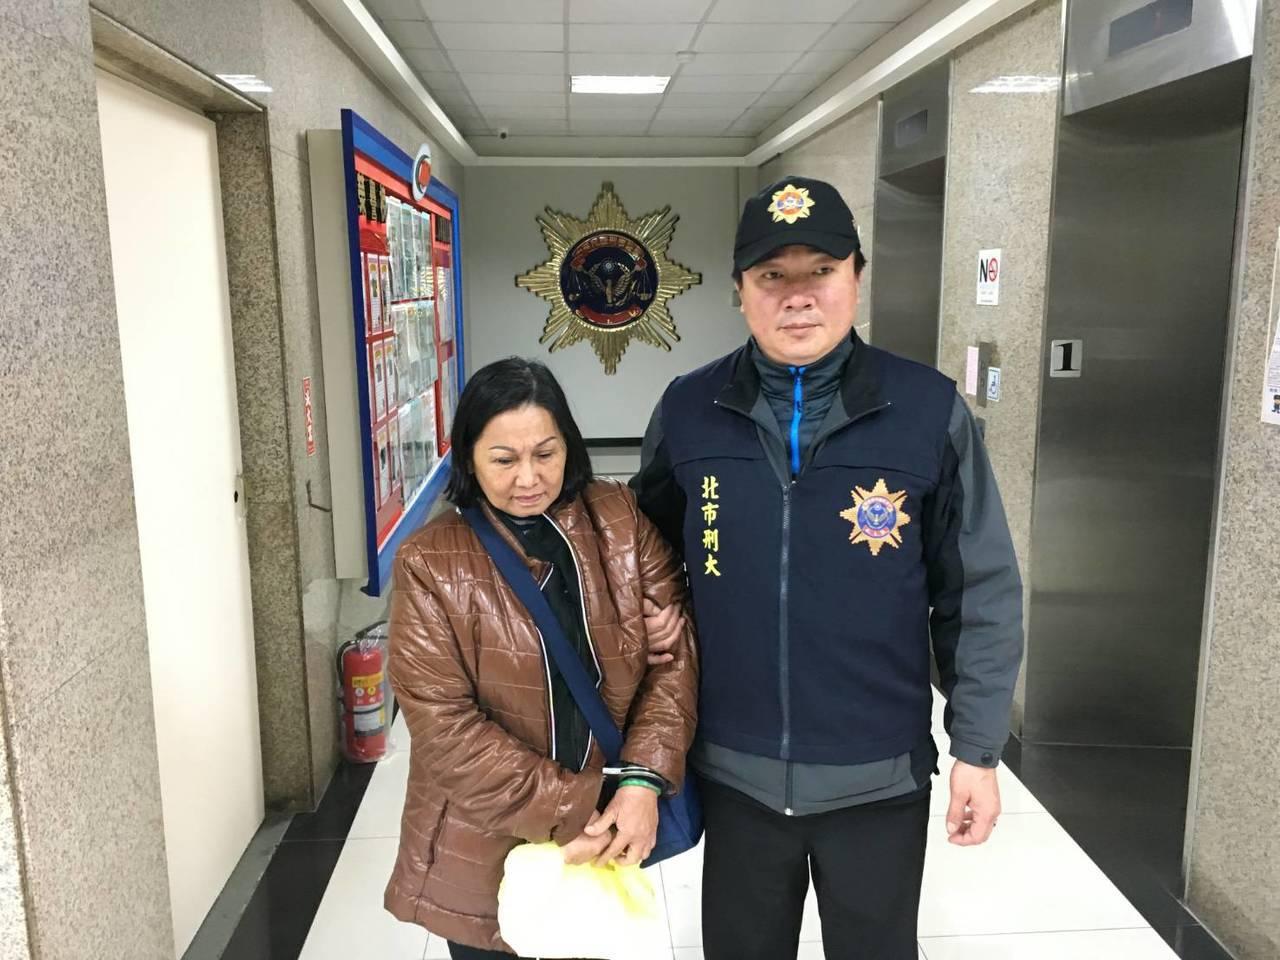 越南籍慣竊林姓婦人,遭警方逮捕。記者廖炳棋/翻攝